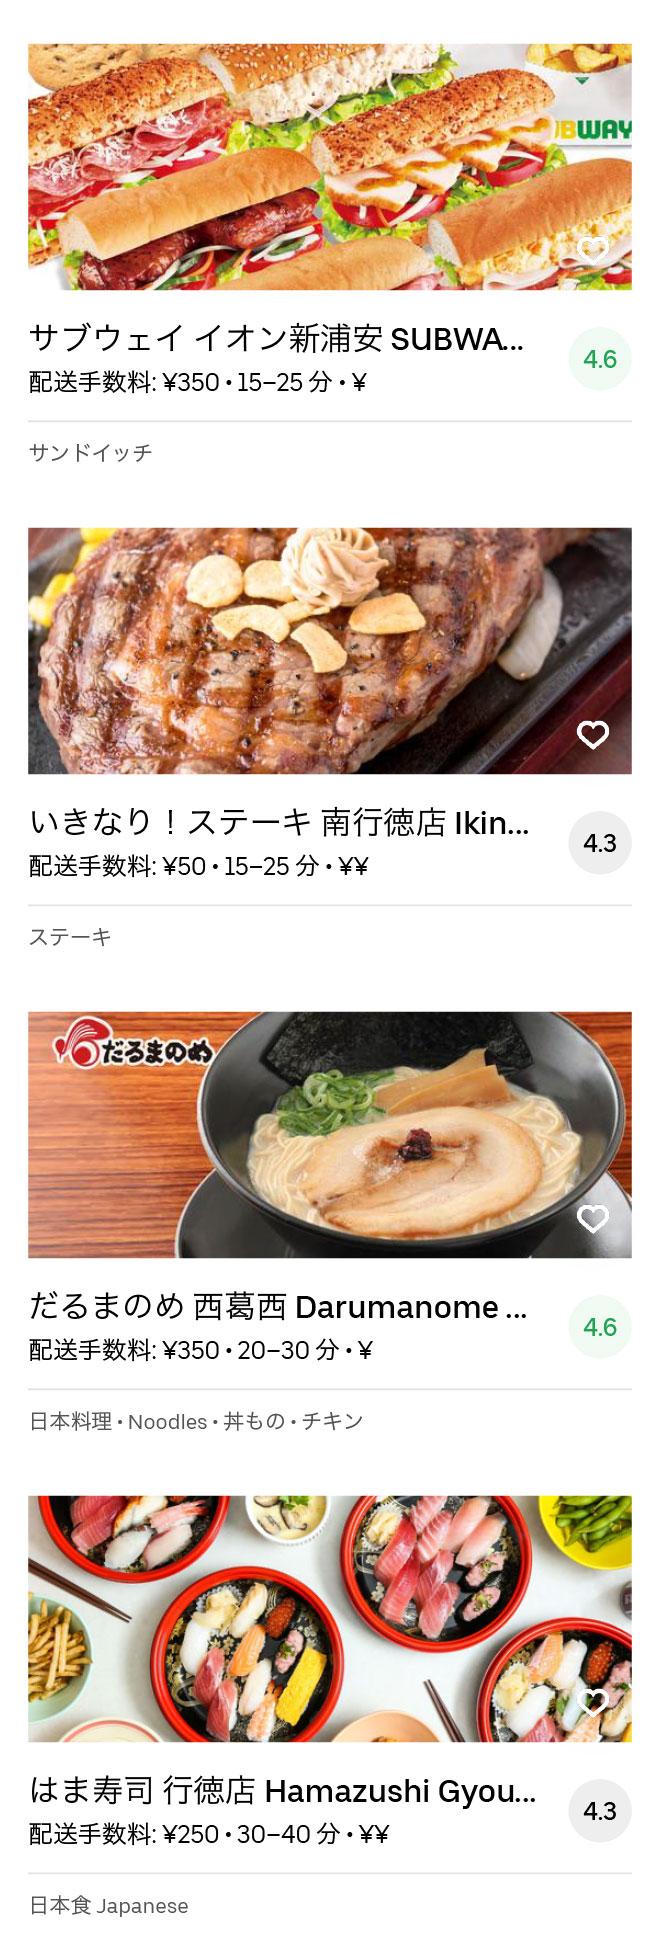 Urayasu menu 200409